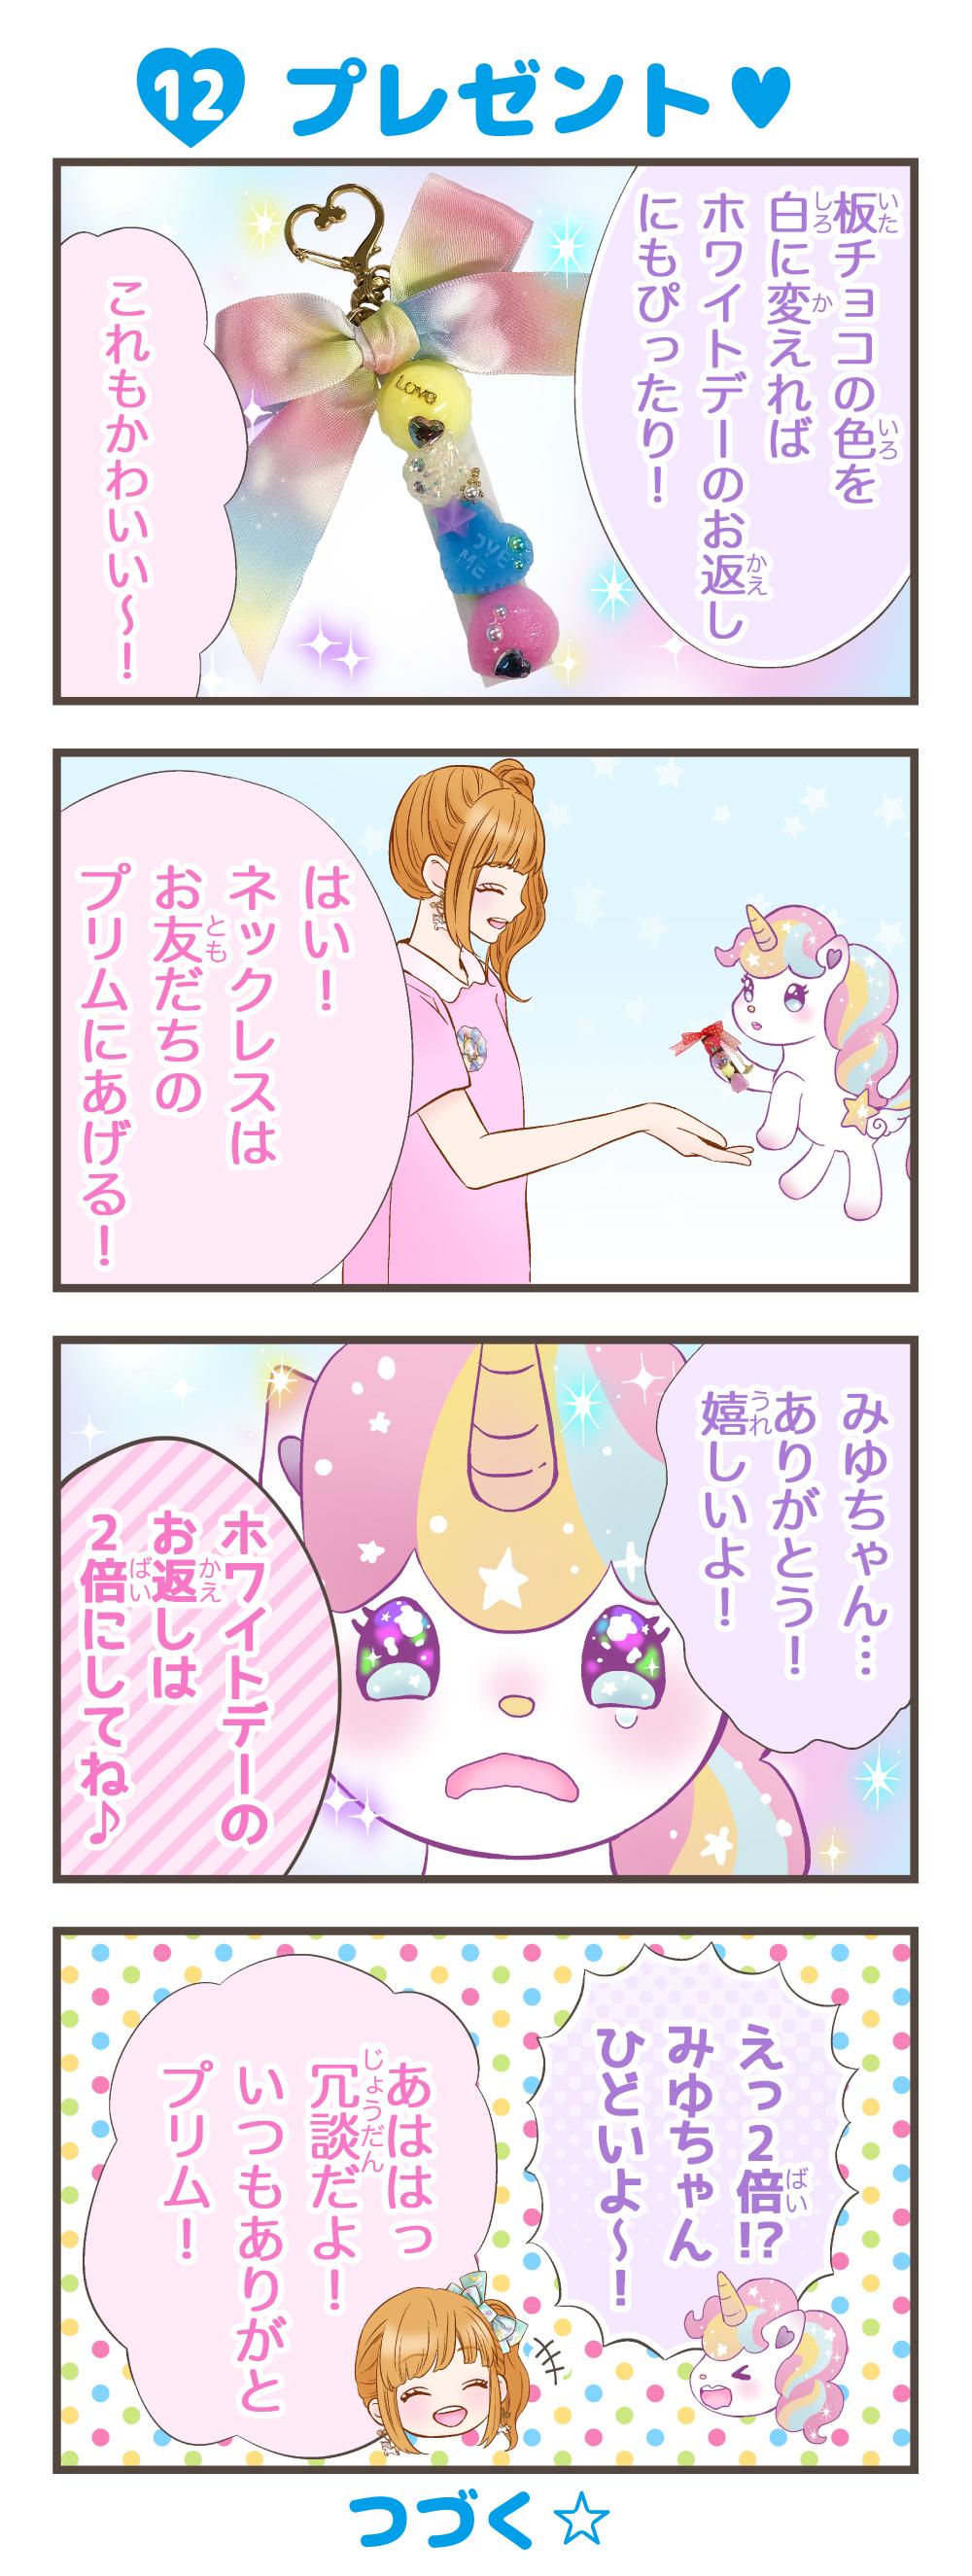 いろコレ漫画12話